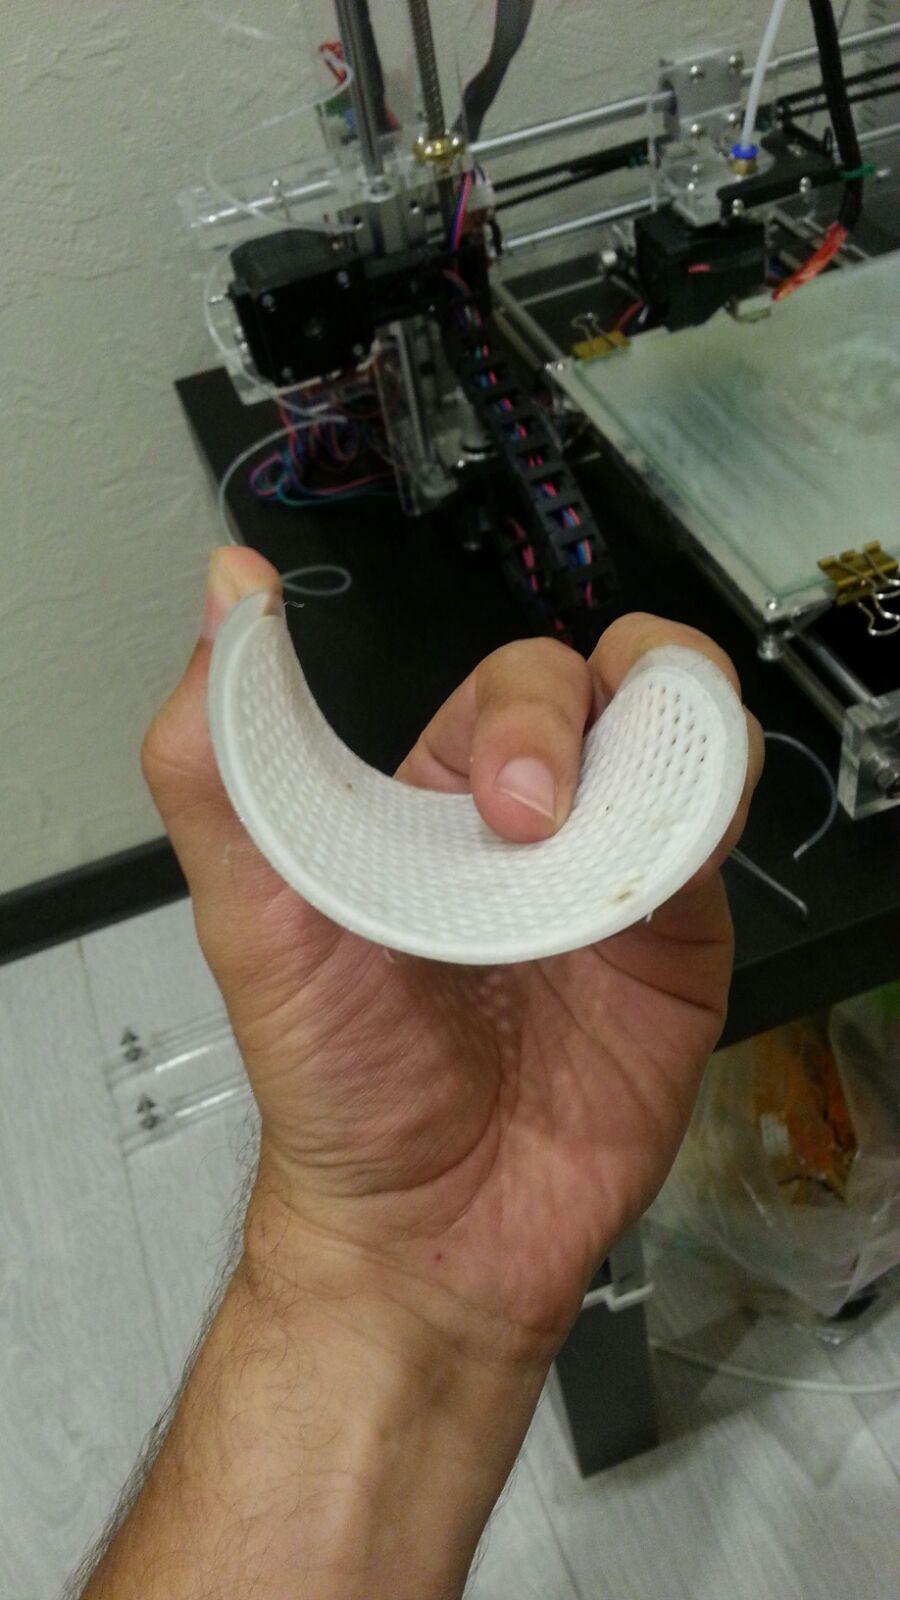 Конструктор 3D-принтера от SUNHOKEY в процессе эксплуатации (часть вторая) - 31